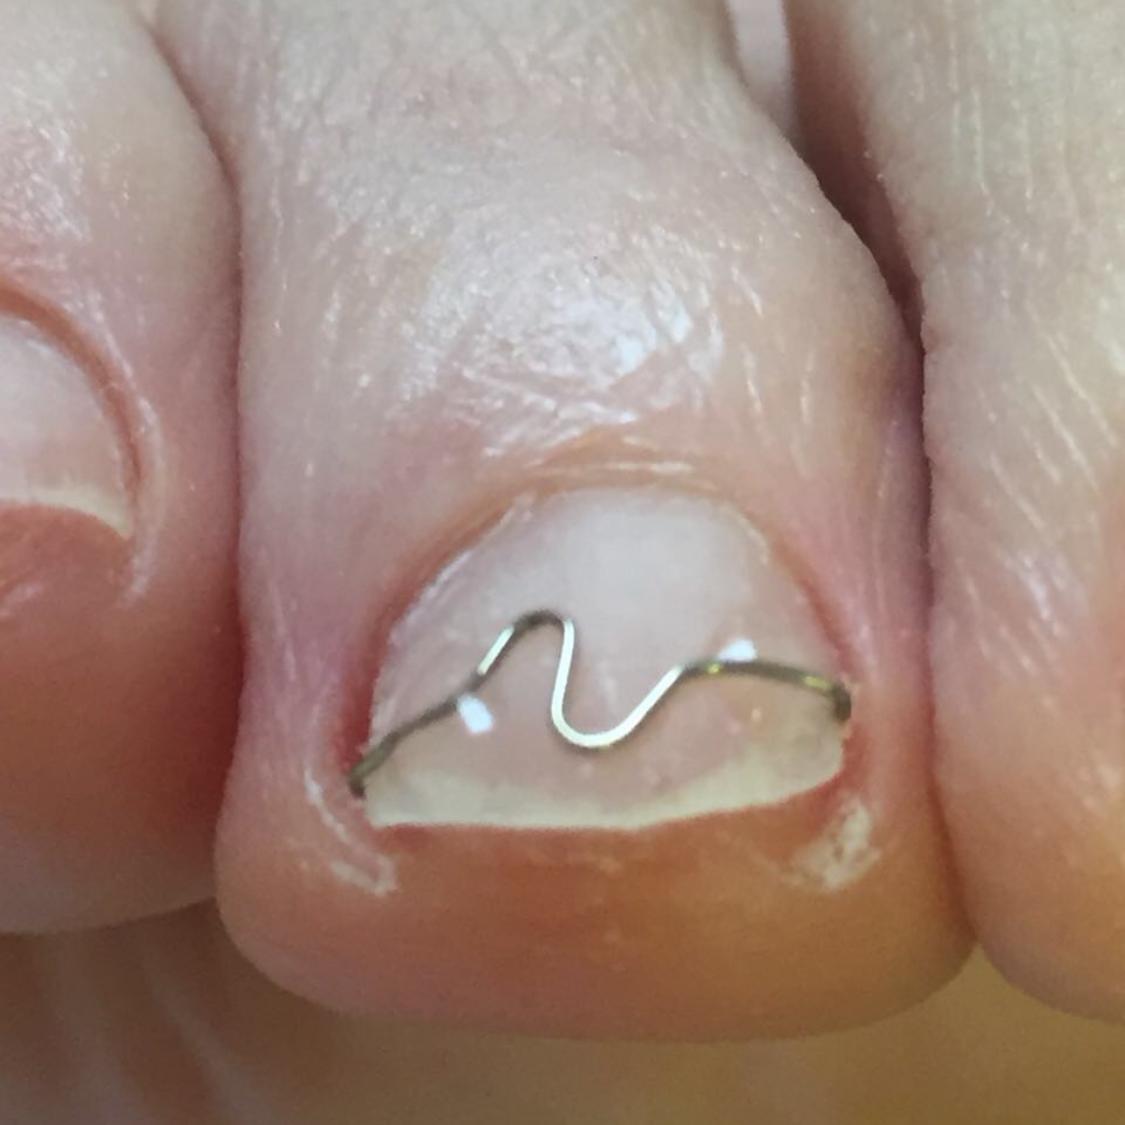 Spange Zehennagel - Medizinische Fußpflege bei Körperwelt Telge